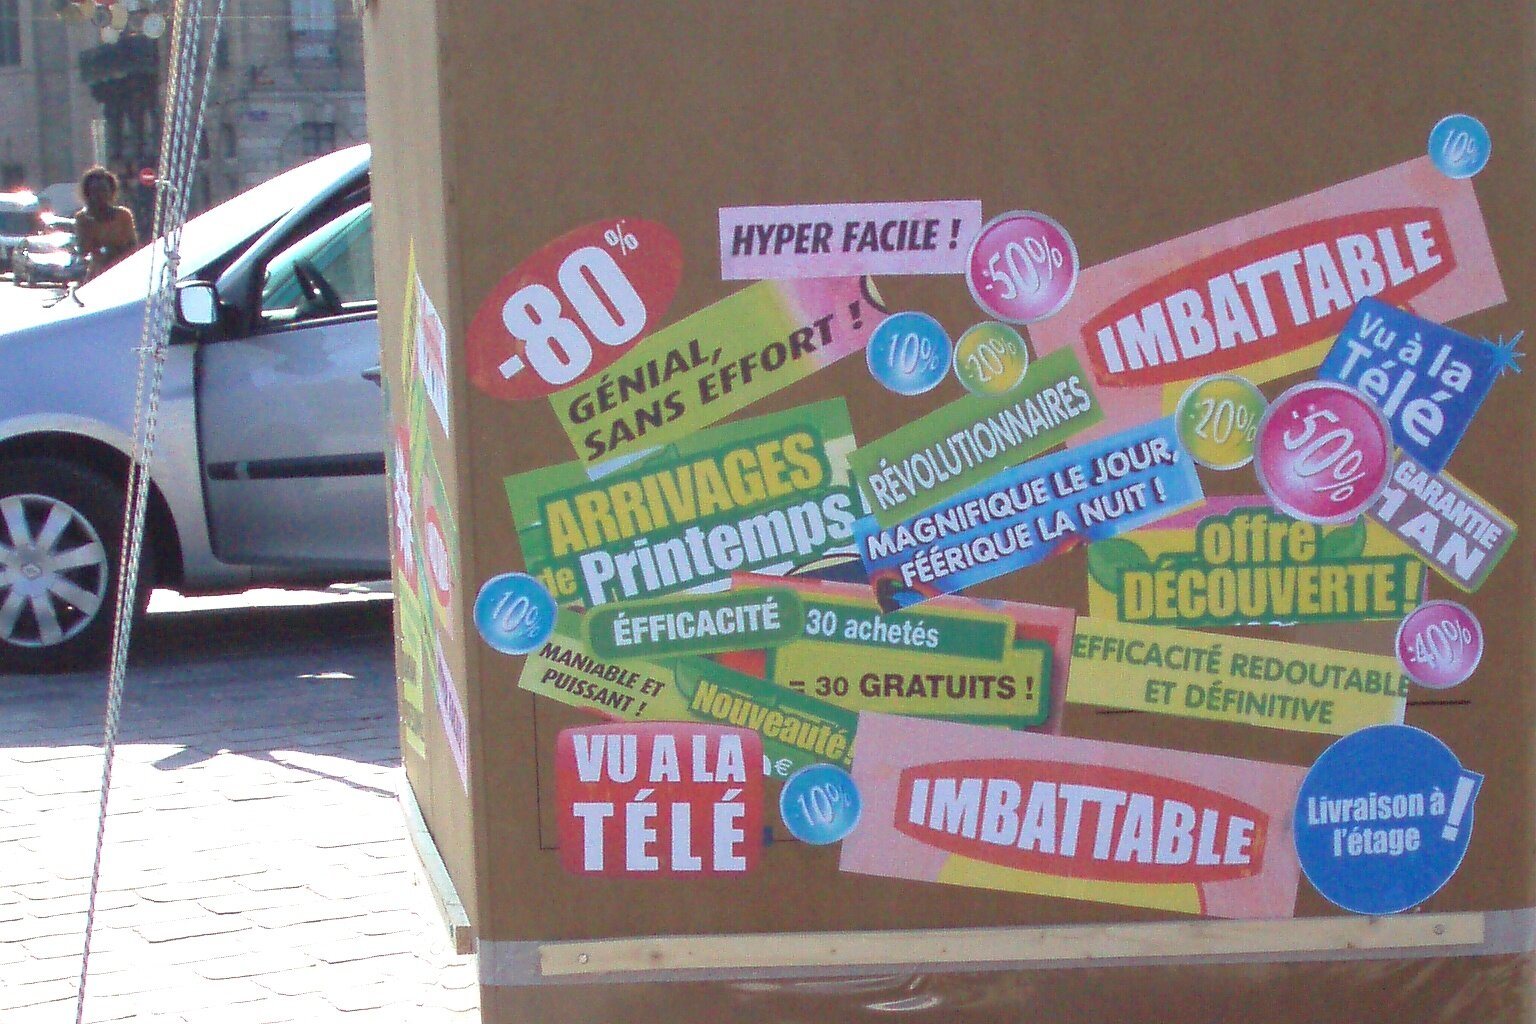 Imbattable ! ©ML